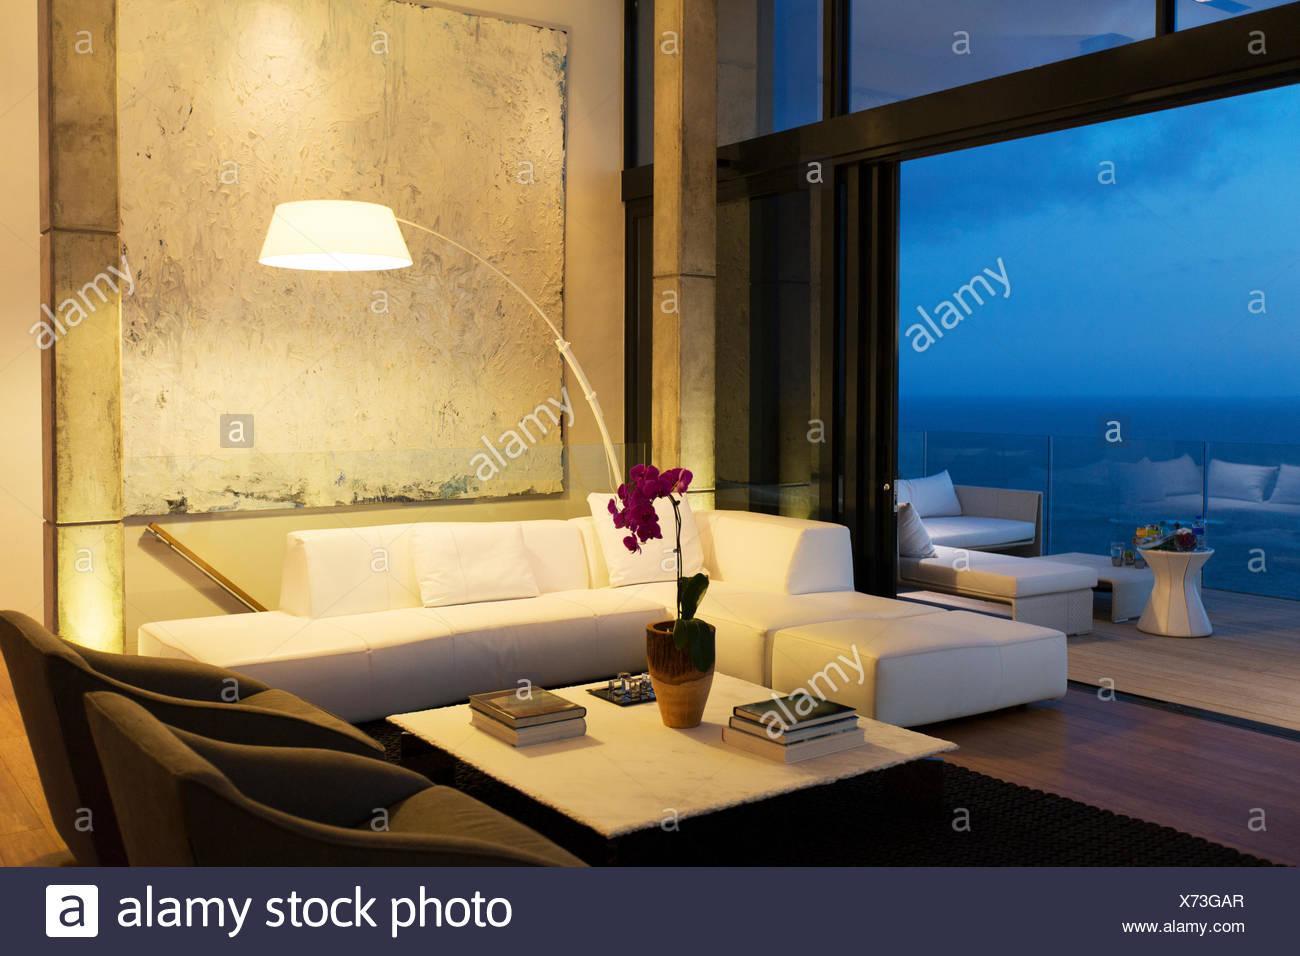 Lámpara y sofá en el salón moderno Imagen De Stock